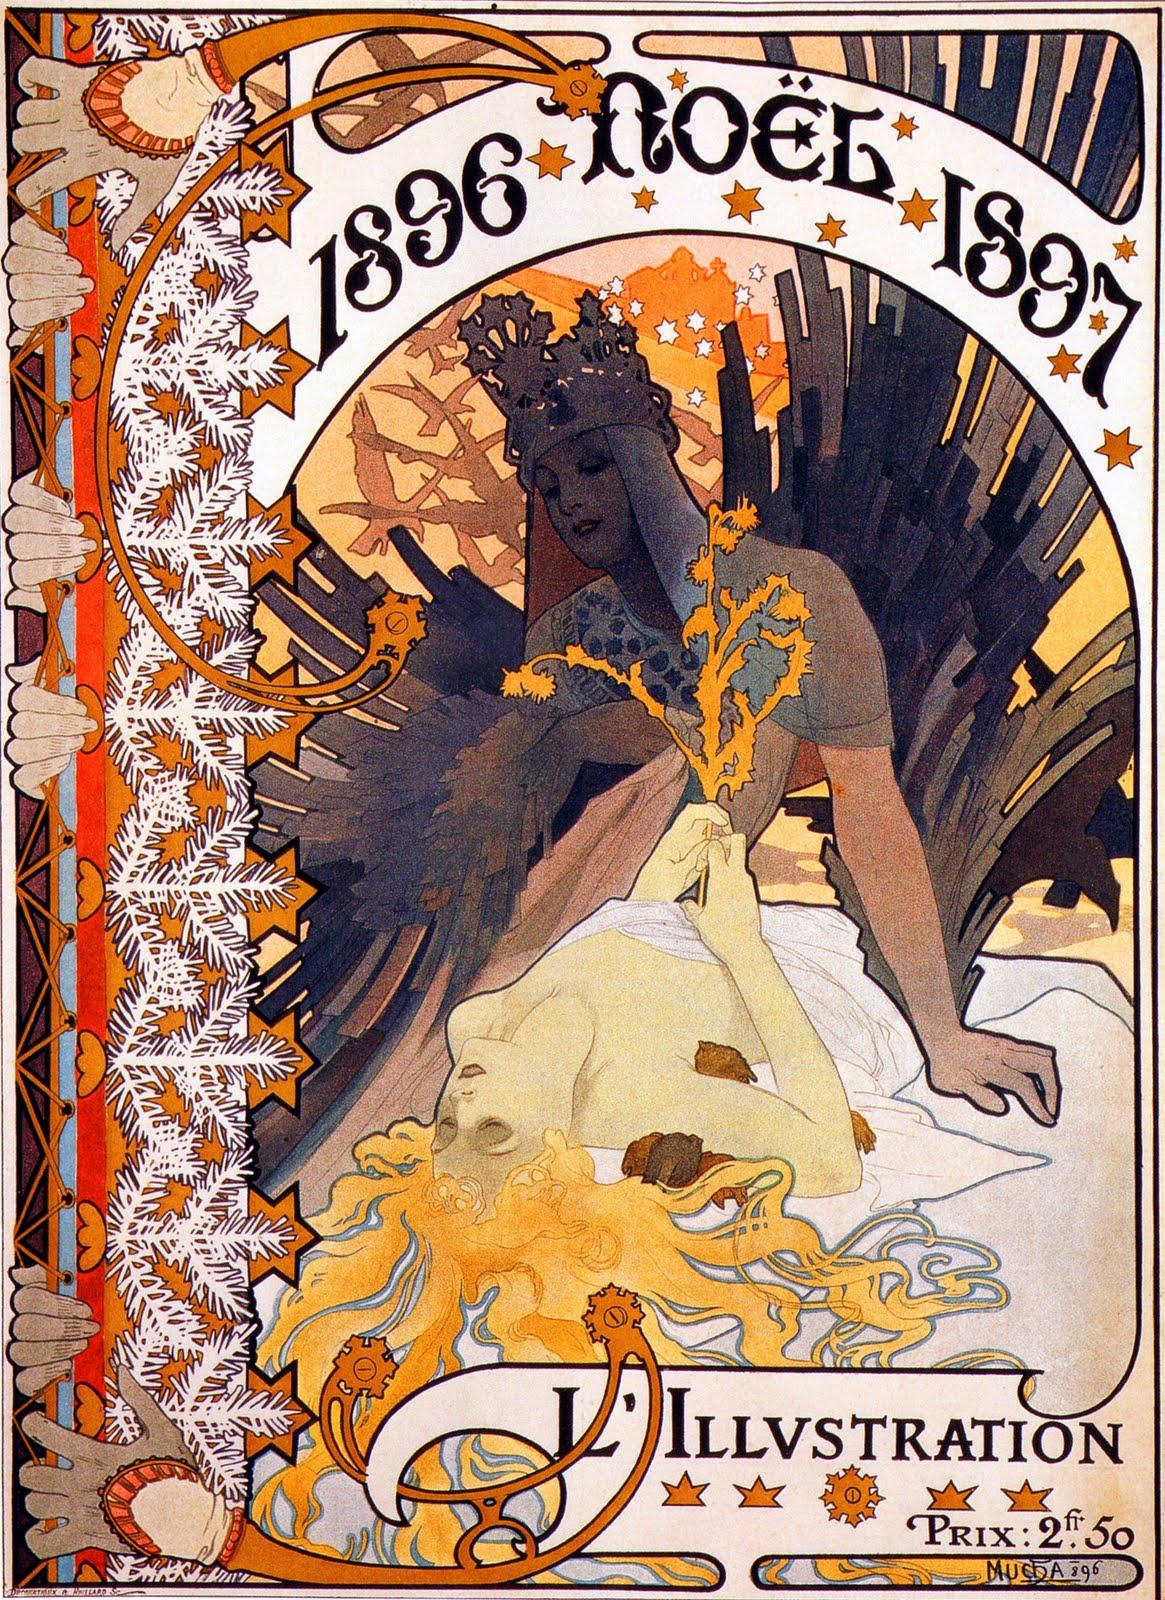 Иллюстрация-1897